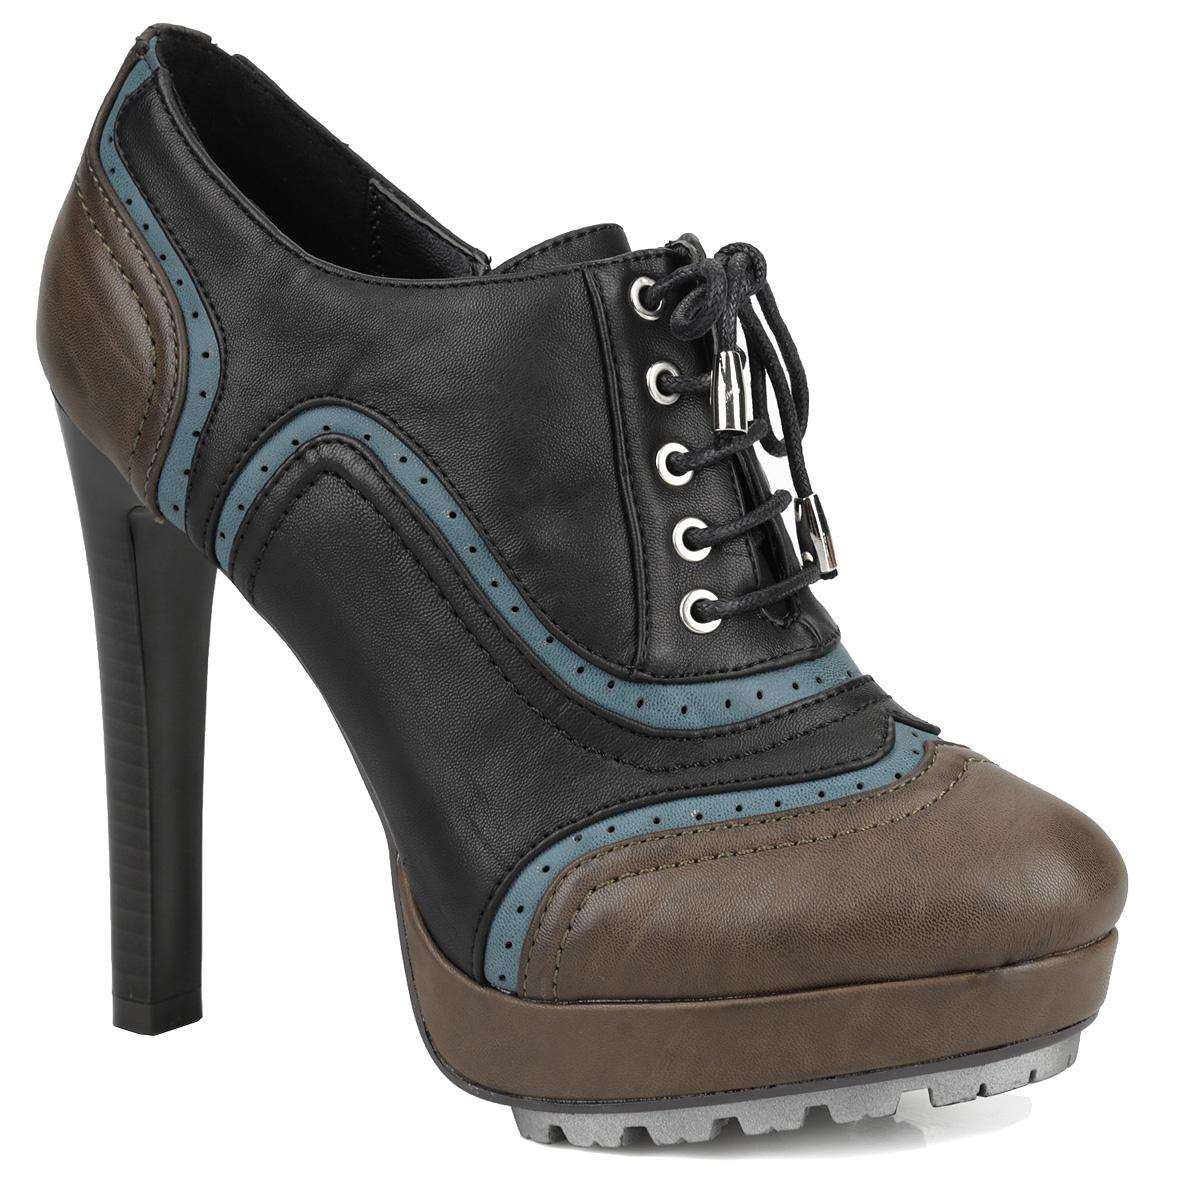 Ботильоны Yaro, цвет: черный, хаки, синий. YA3-066-01 Z. Размер 36YA3-066-01 ZИзумительные ботильоны от Yaro подчеркнут вашу женственную натуру! Модель выполнена из искусственной кожи и оформлена перфорацией. Прочная шнуровка надежно зафиксирует модель на вашей ноге. Ботильоны застегиваются на застежку-молнию, расположенную на одной из боковых сторон. Подкладка и стелька из искусственной кожи обеспечивают комфорт при ходьбе. Экстремально высокий каблук, стилизованный под дерево, компенсирован мощной платформой. Рифленая поверхность каблука и подошвы защищает изделие от скольжения.Трендовые ботильоны не оставят равнодушной настоящую модницу!